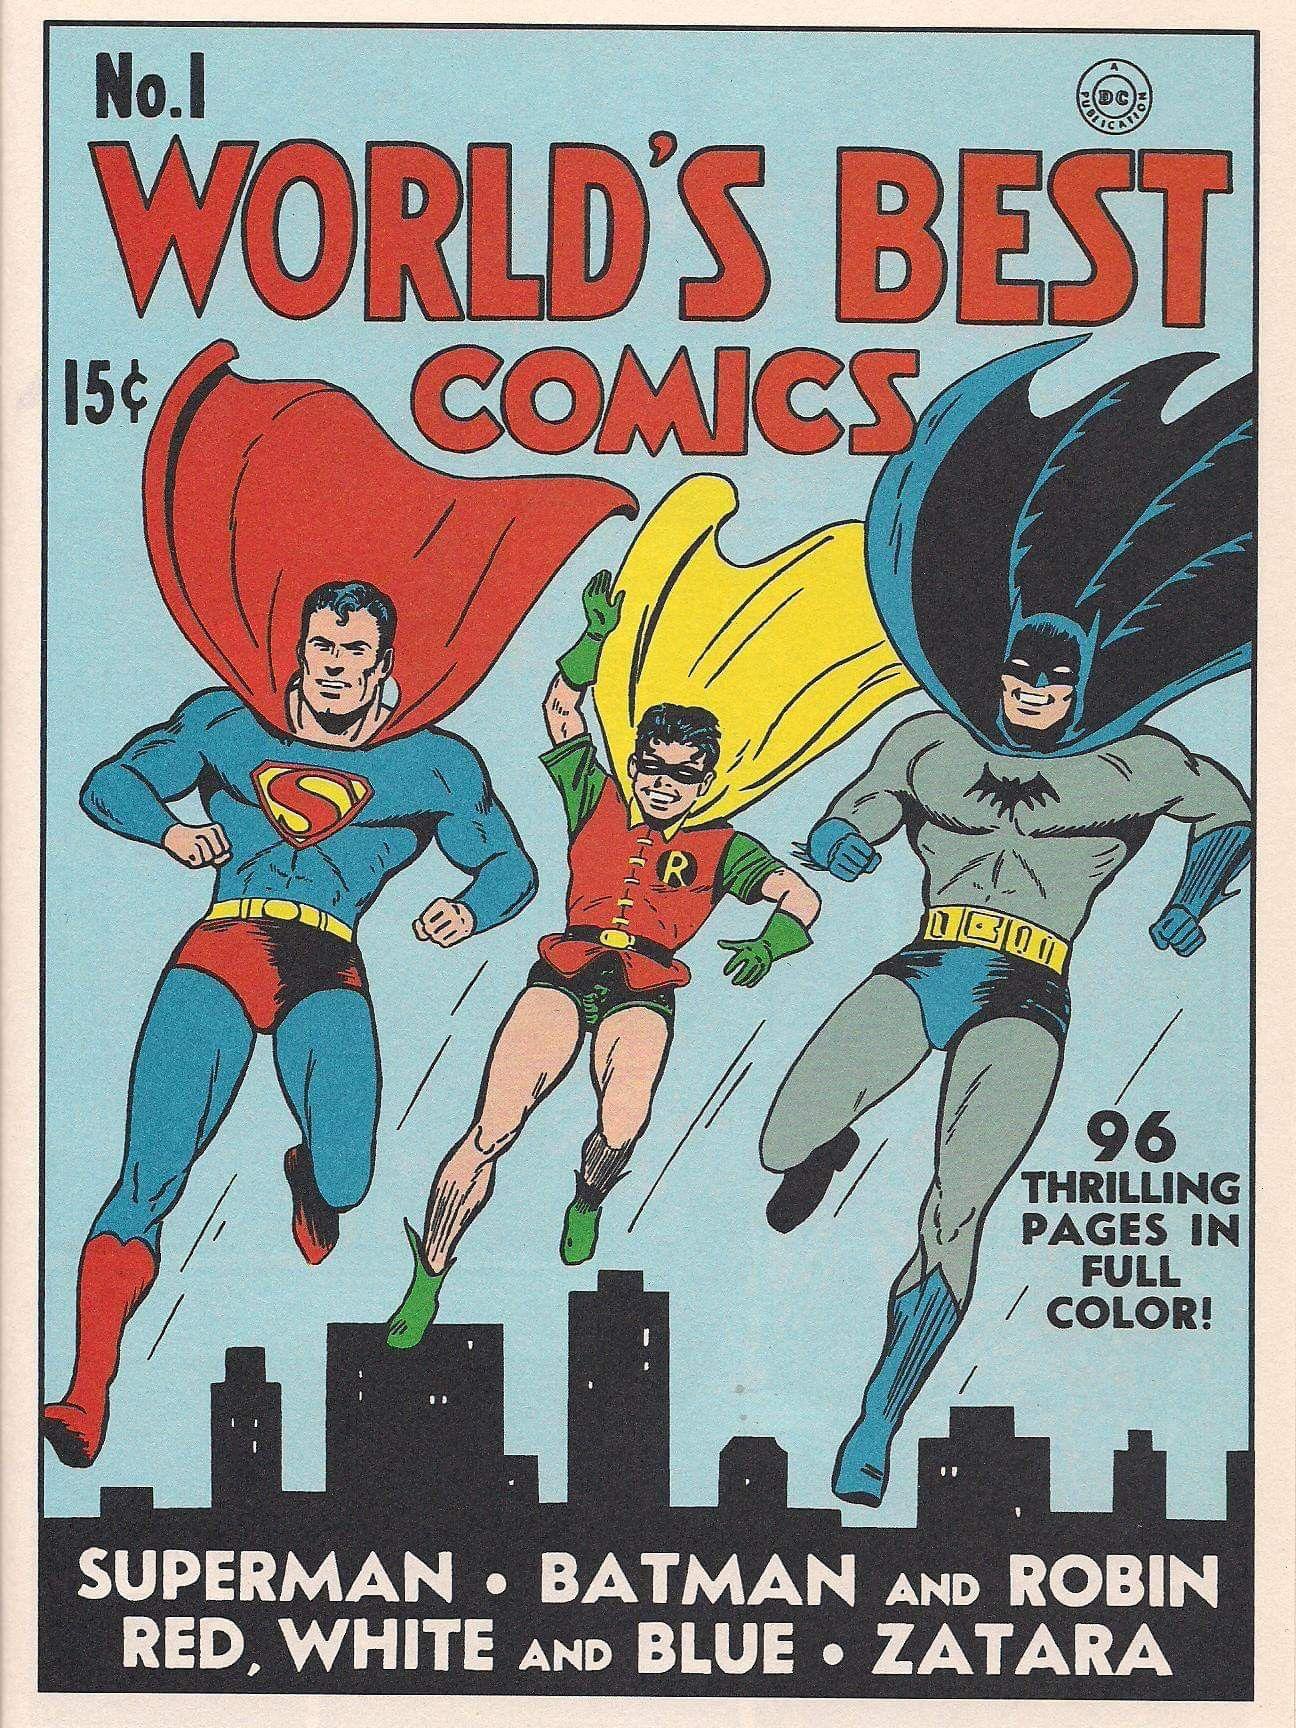 Pin By Bob Millikin On Comics Fun Comics Golden Age Comics Comic Book Covers